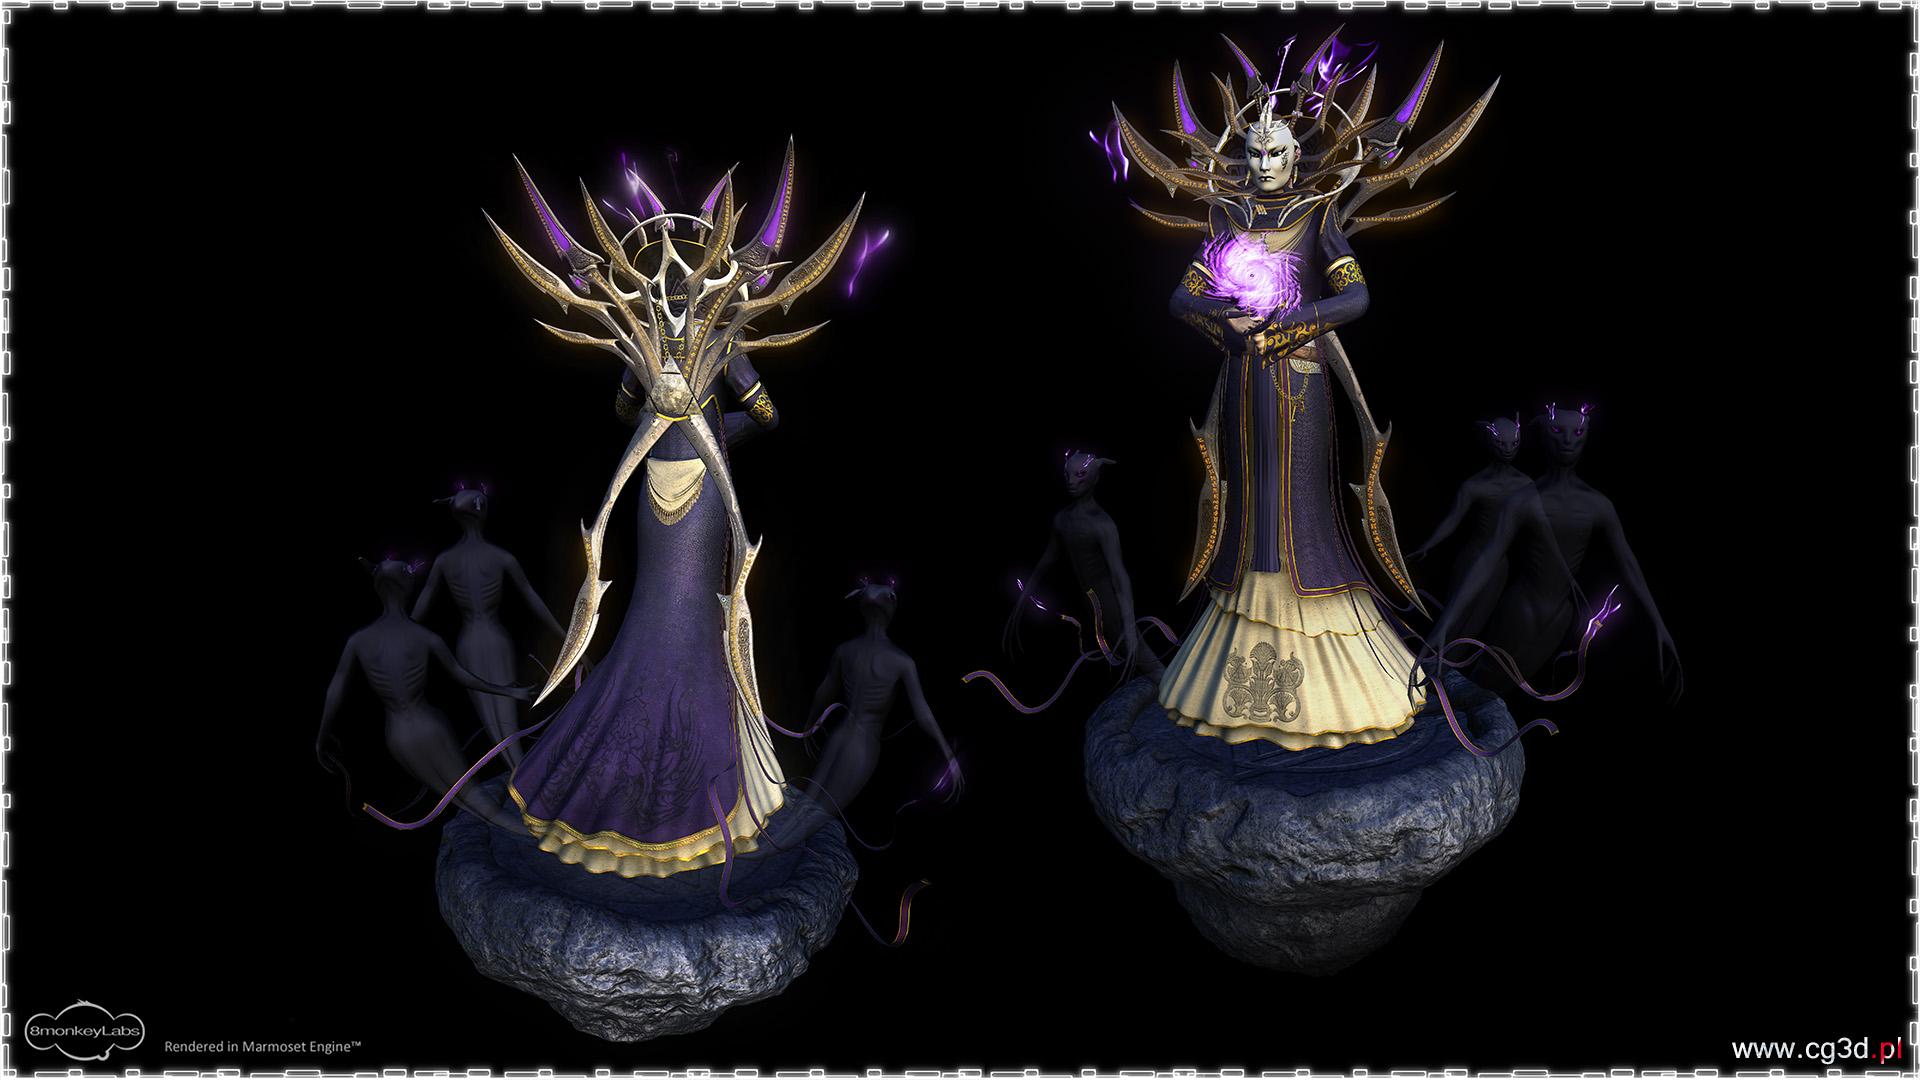 """pussik """"Lady of Pain and her Shadows"""" modello realizzato per una competizione su GameArtisans.org - by Artur Perzyna cg3d.pl (2010-2014) © dell'autore tutti i diritti riservati"""